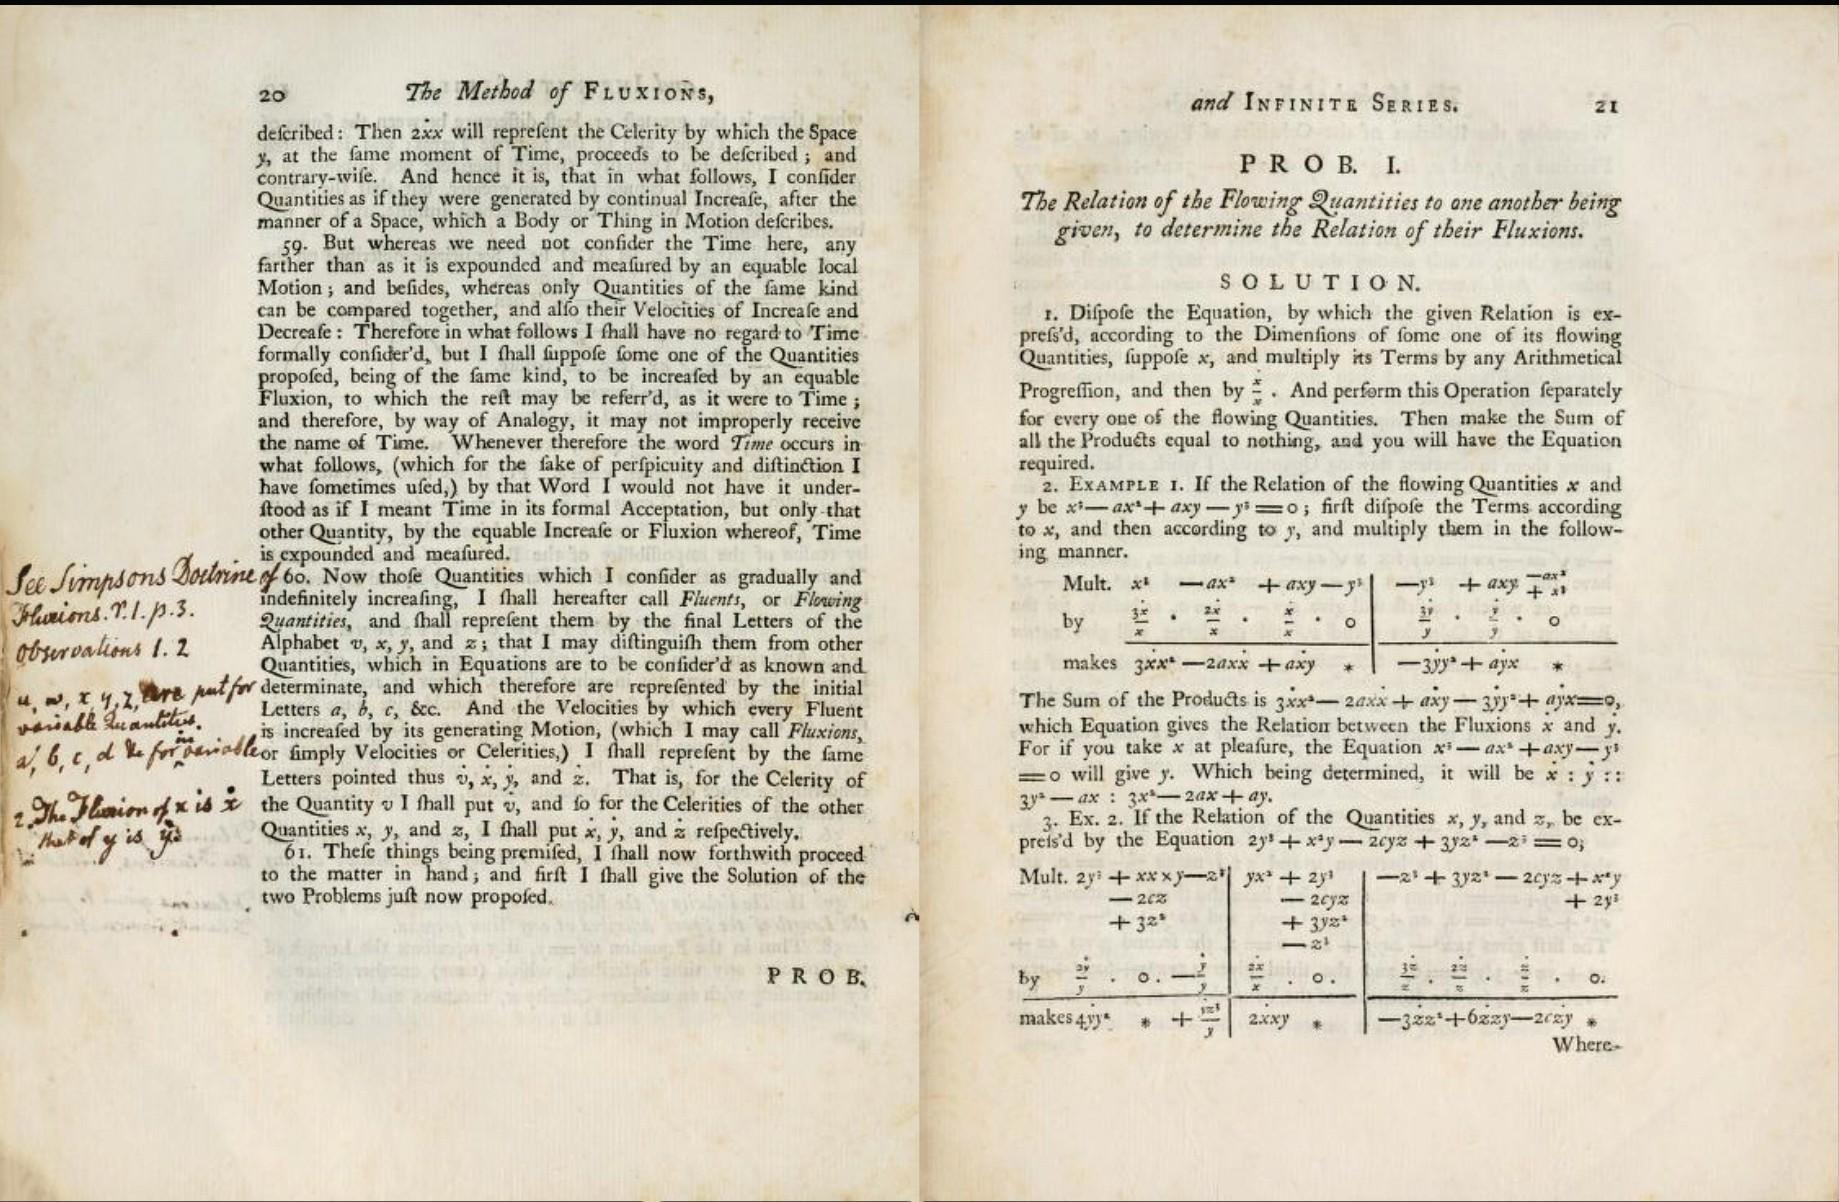 Explication de La Méthode des fluxions et des suites infinies par Newton